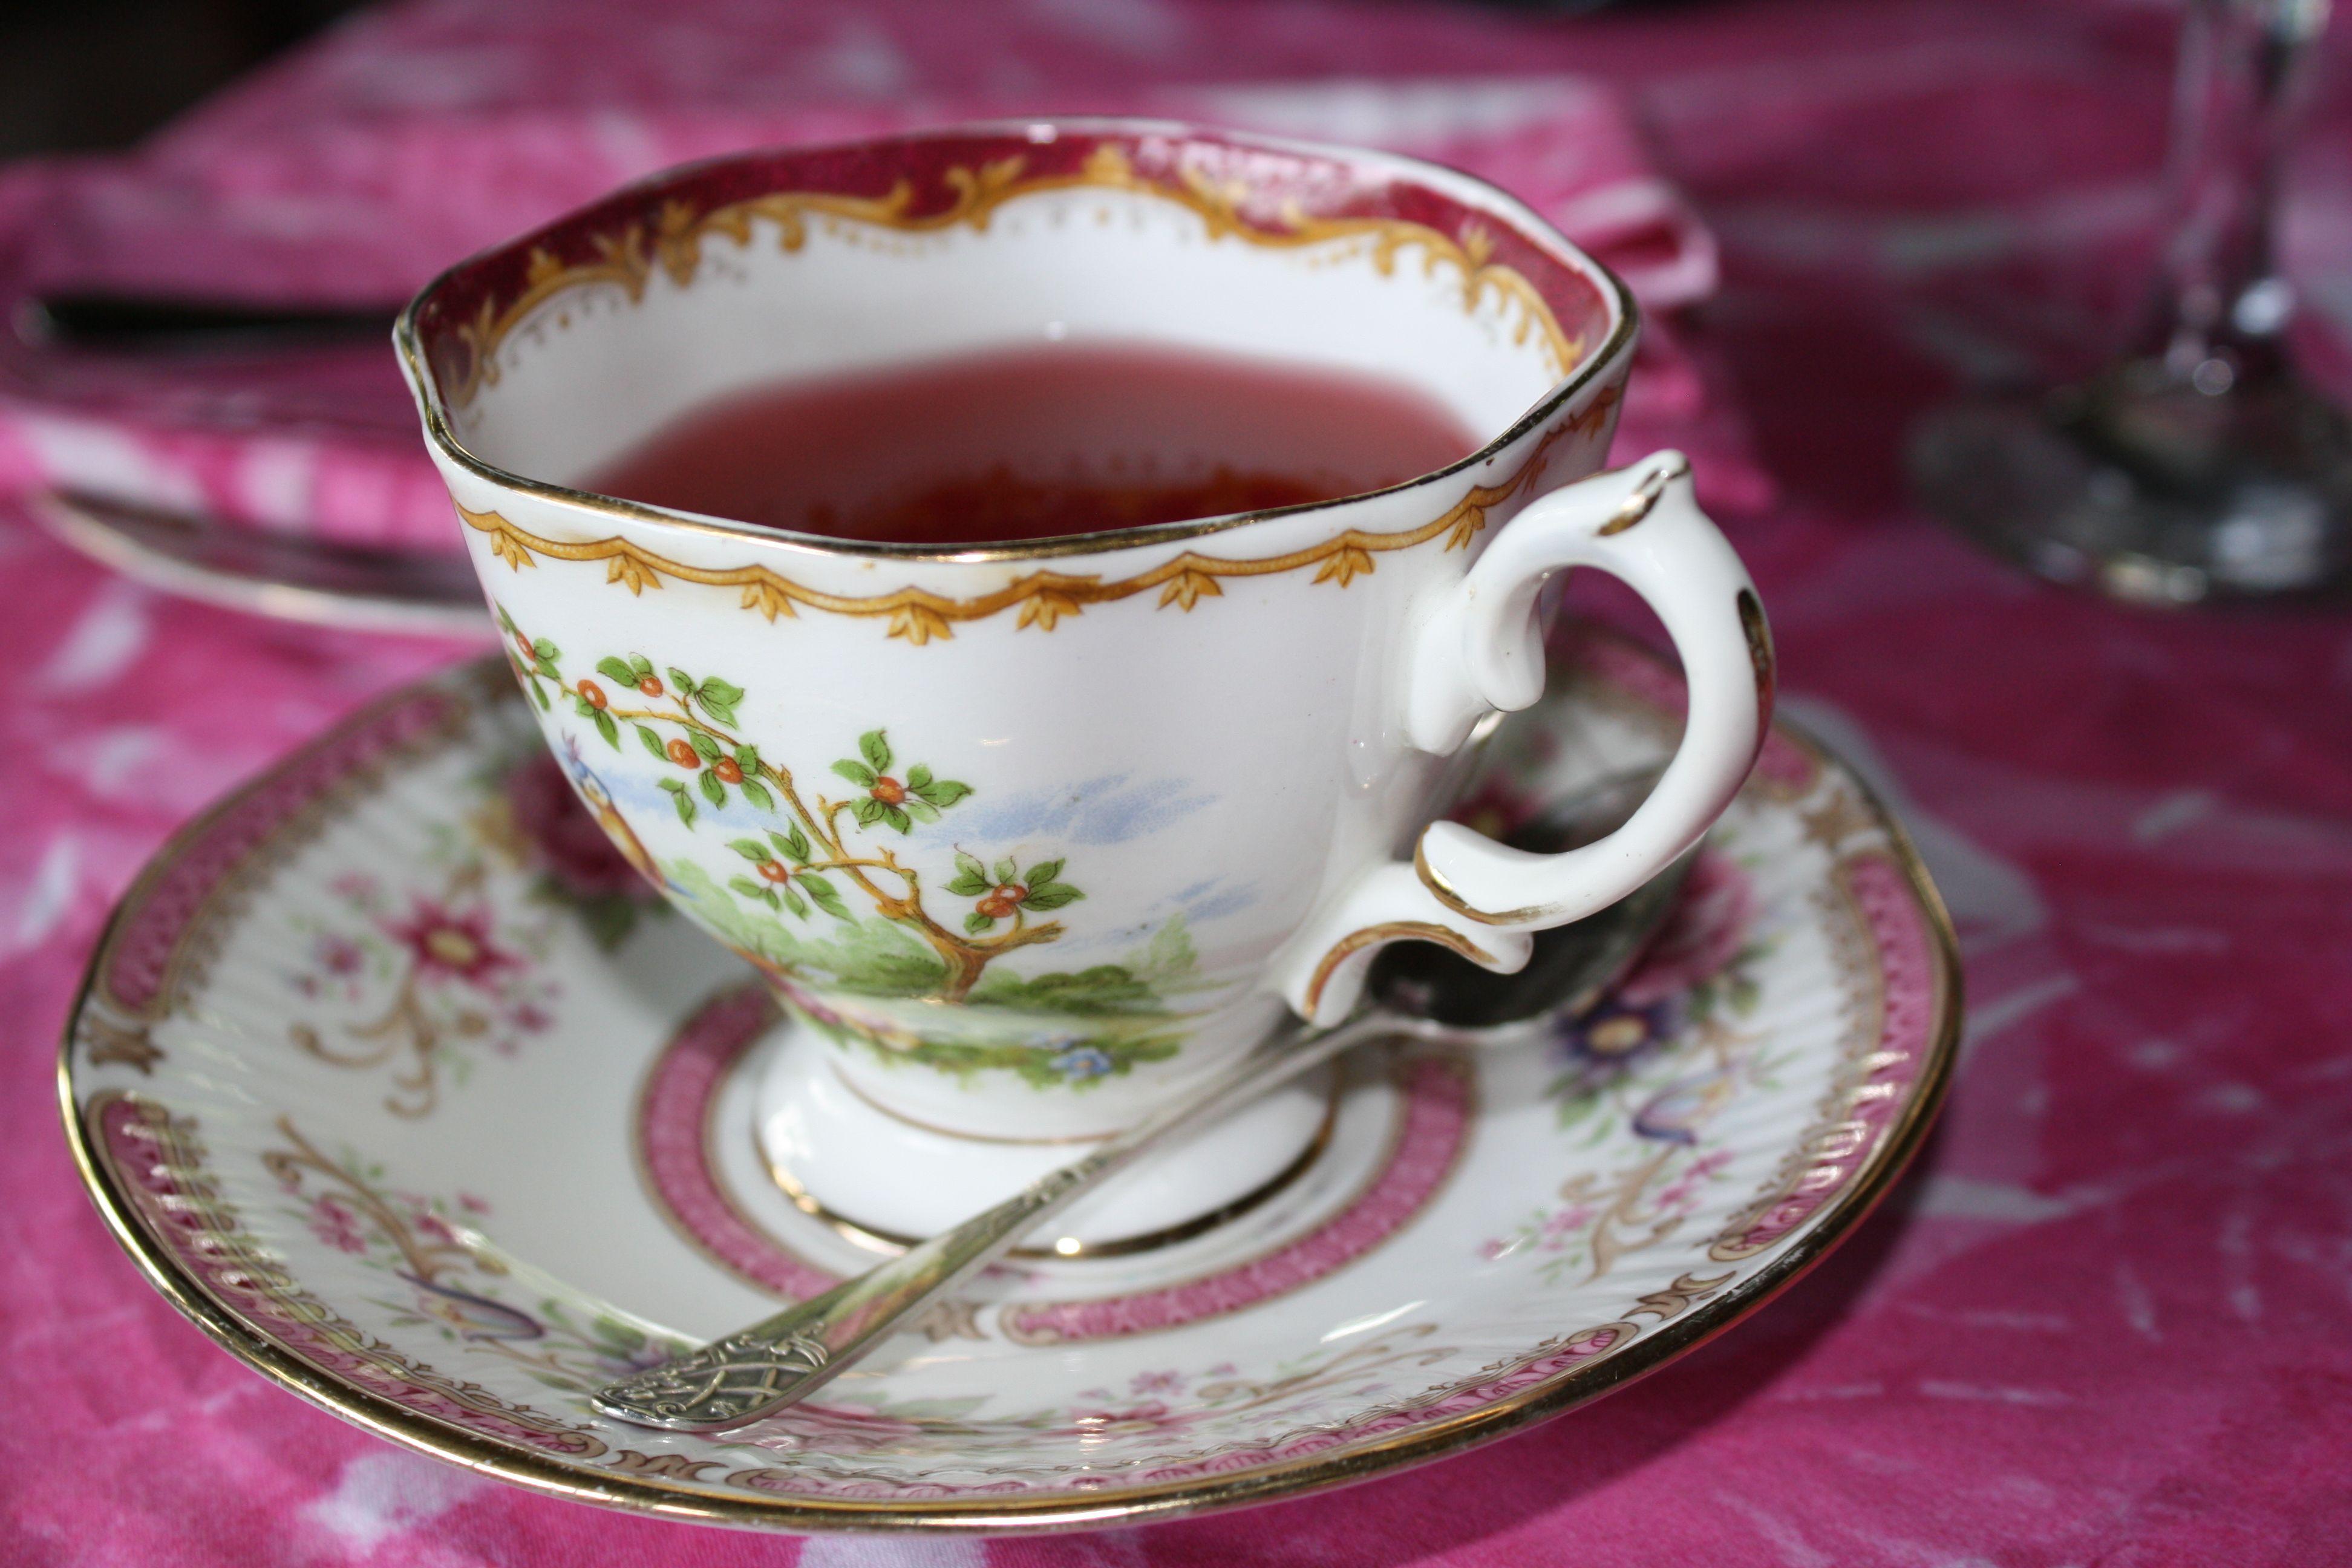 Pin on High Tea at The Plantation